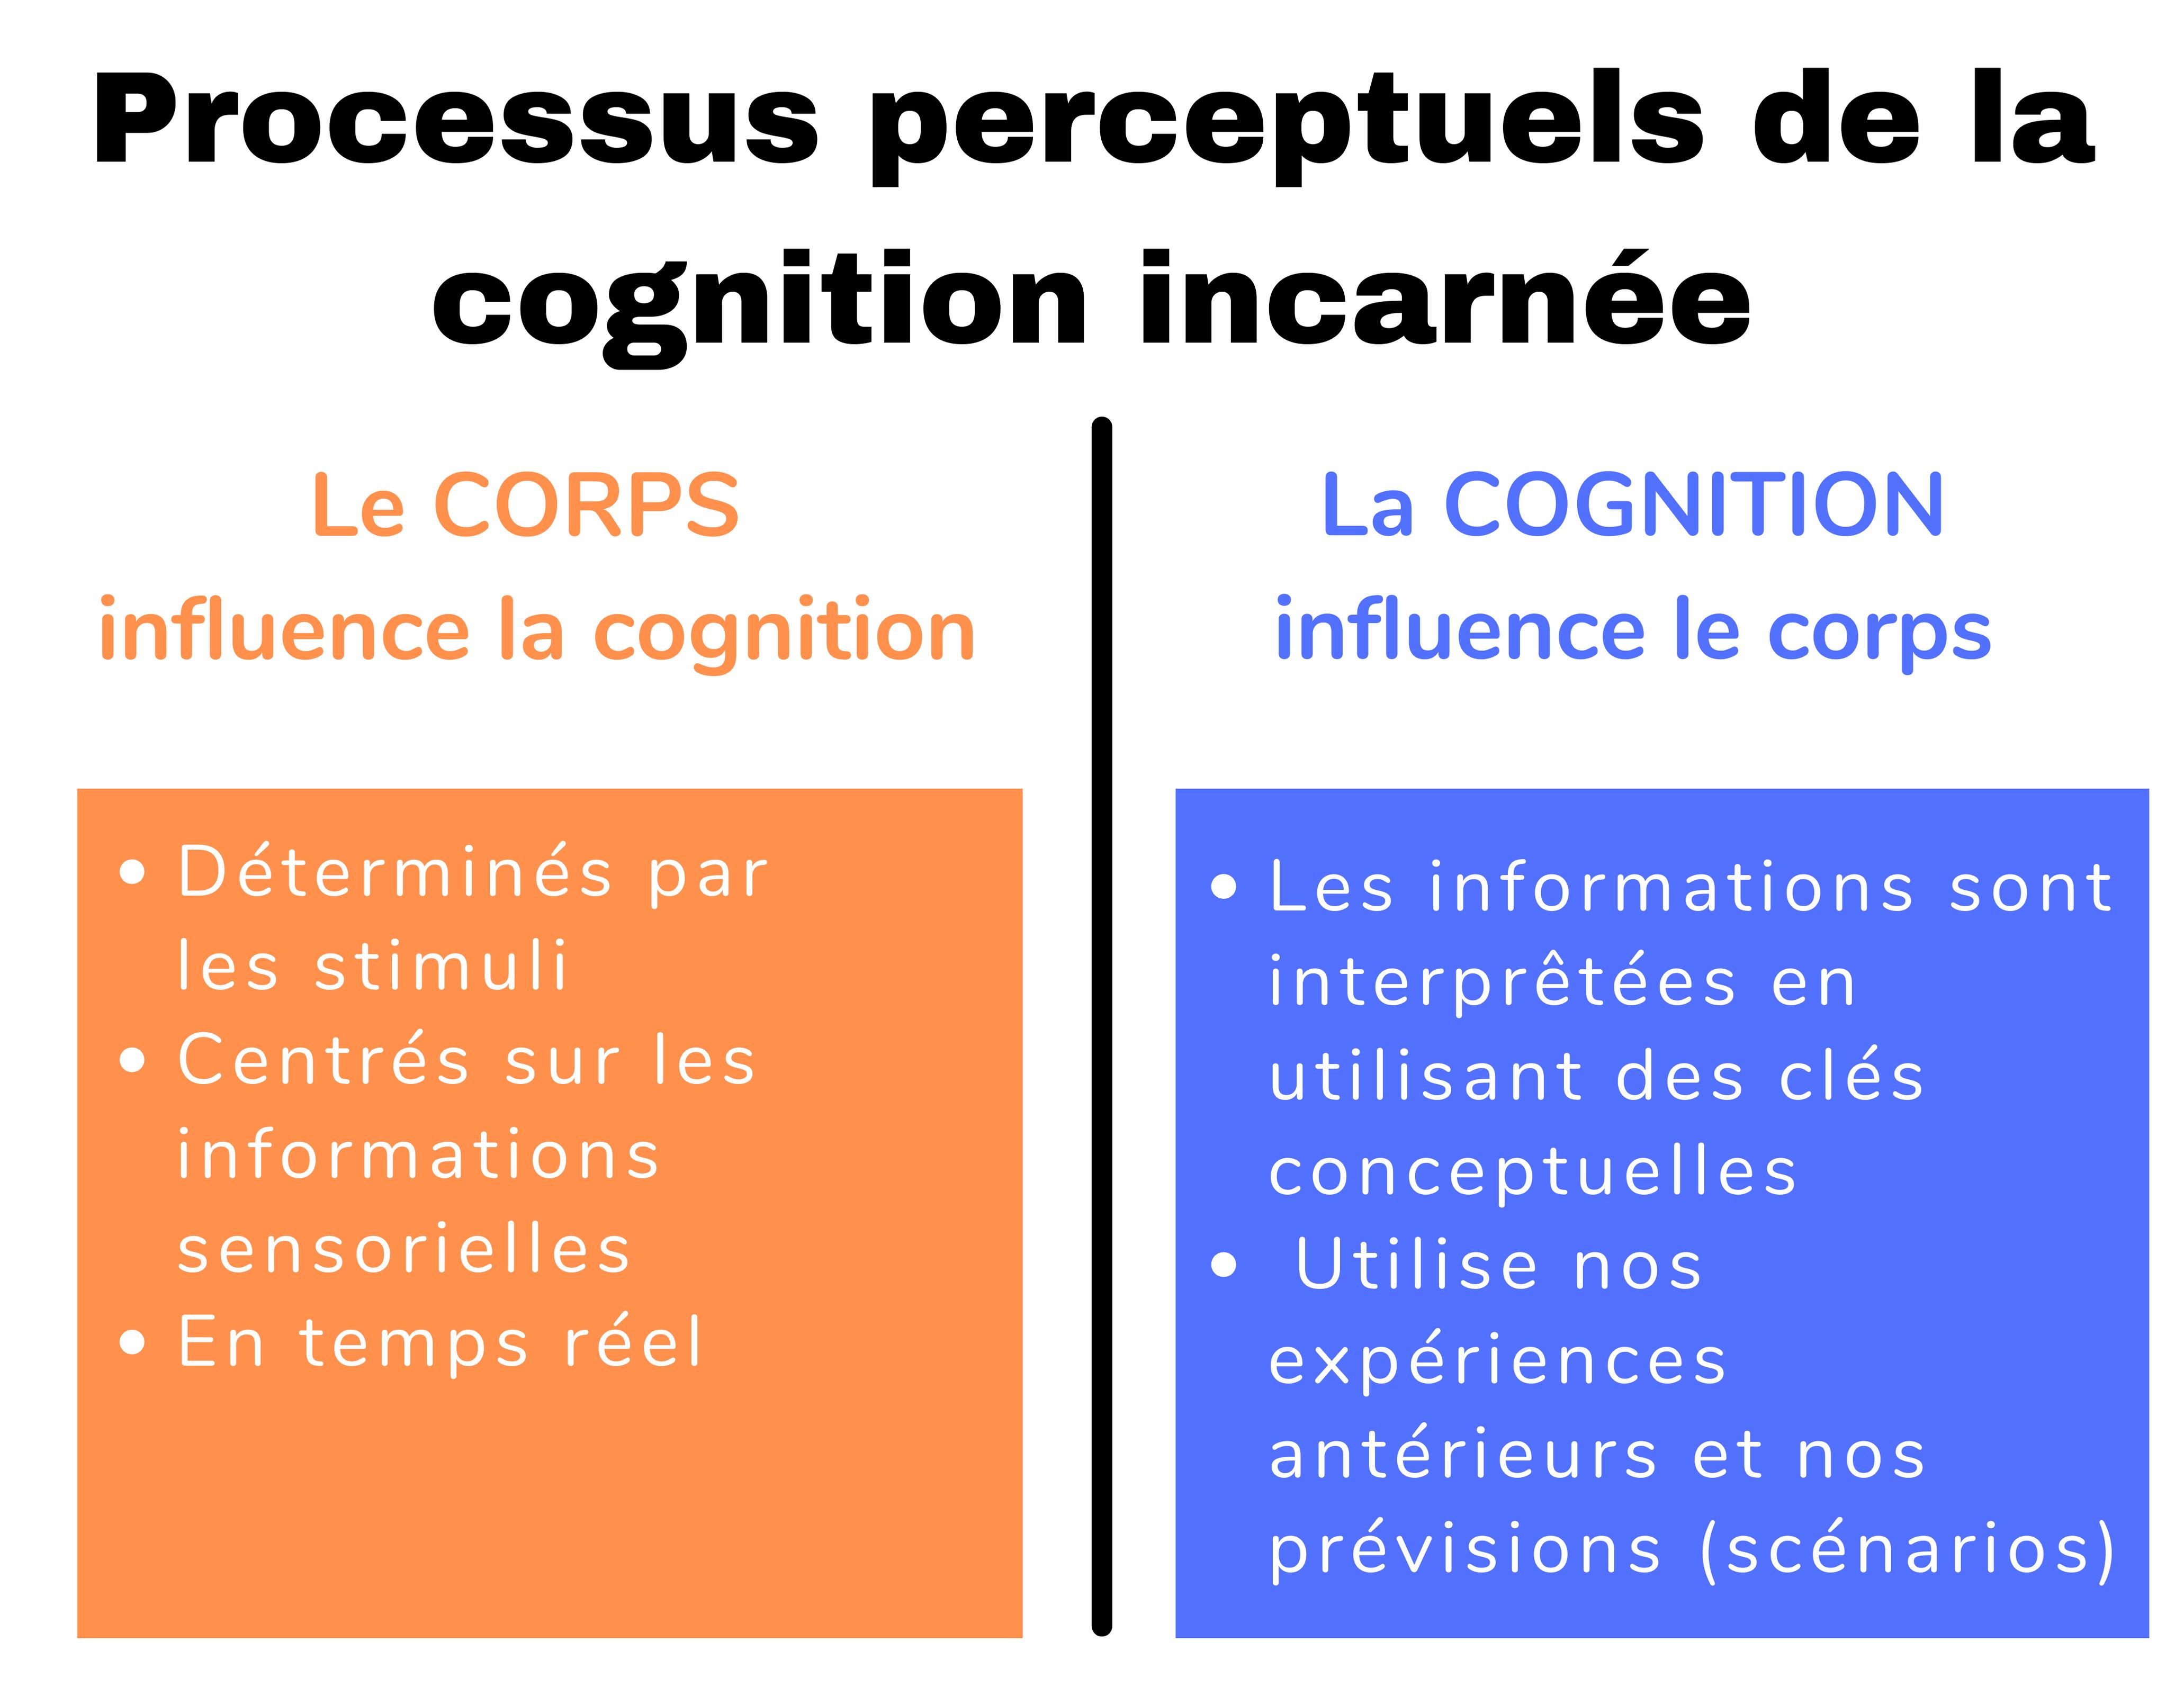 processus perceptuels de la cognition incarnée